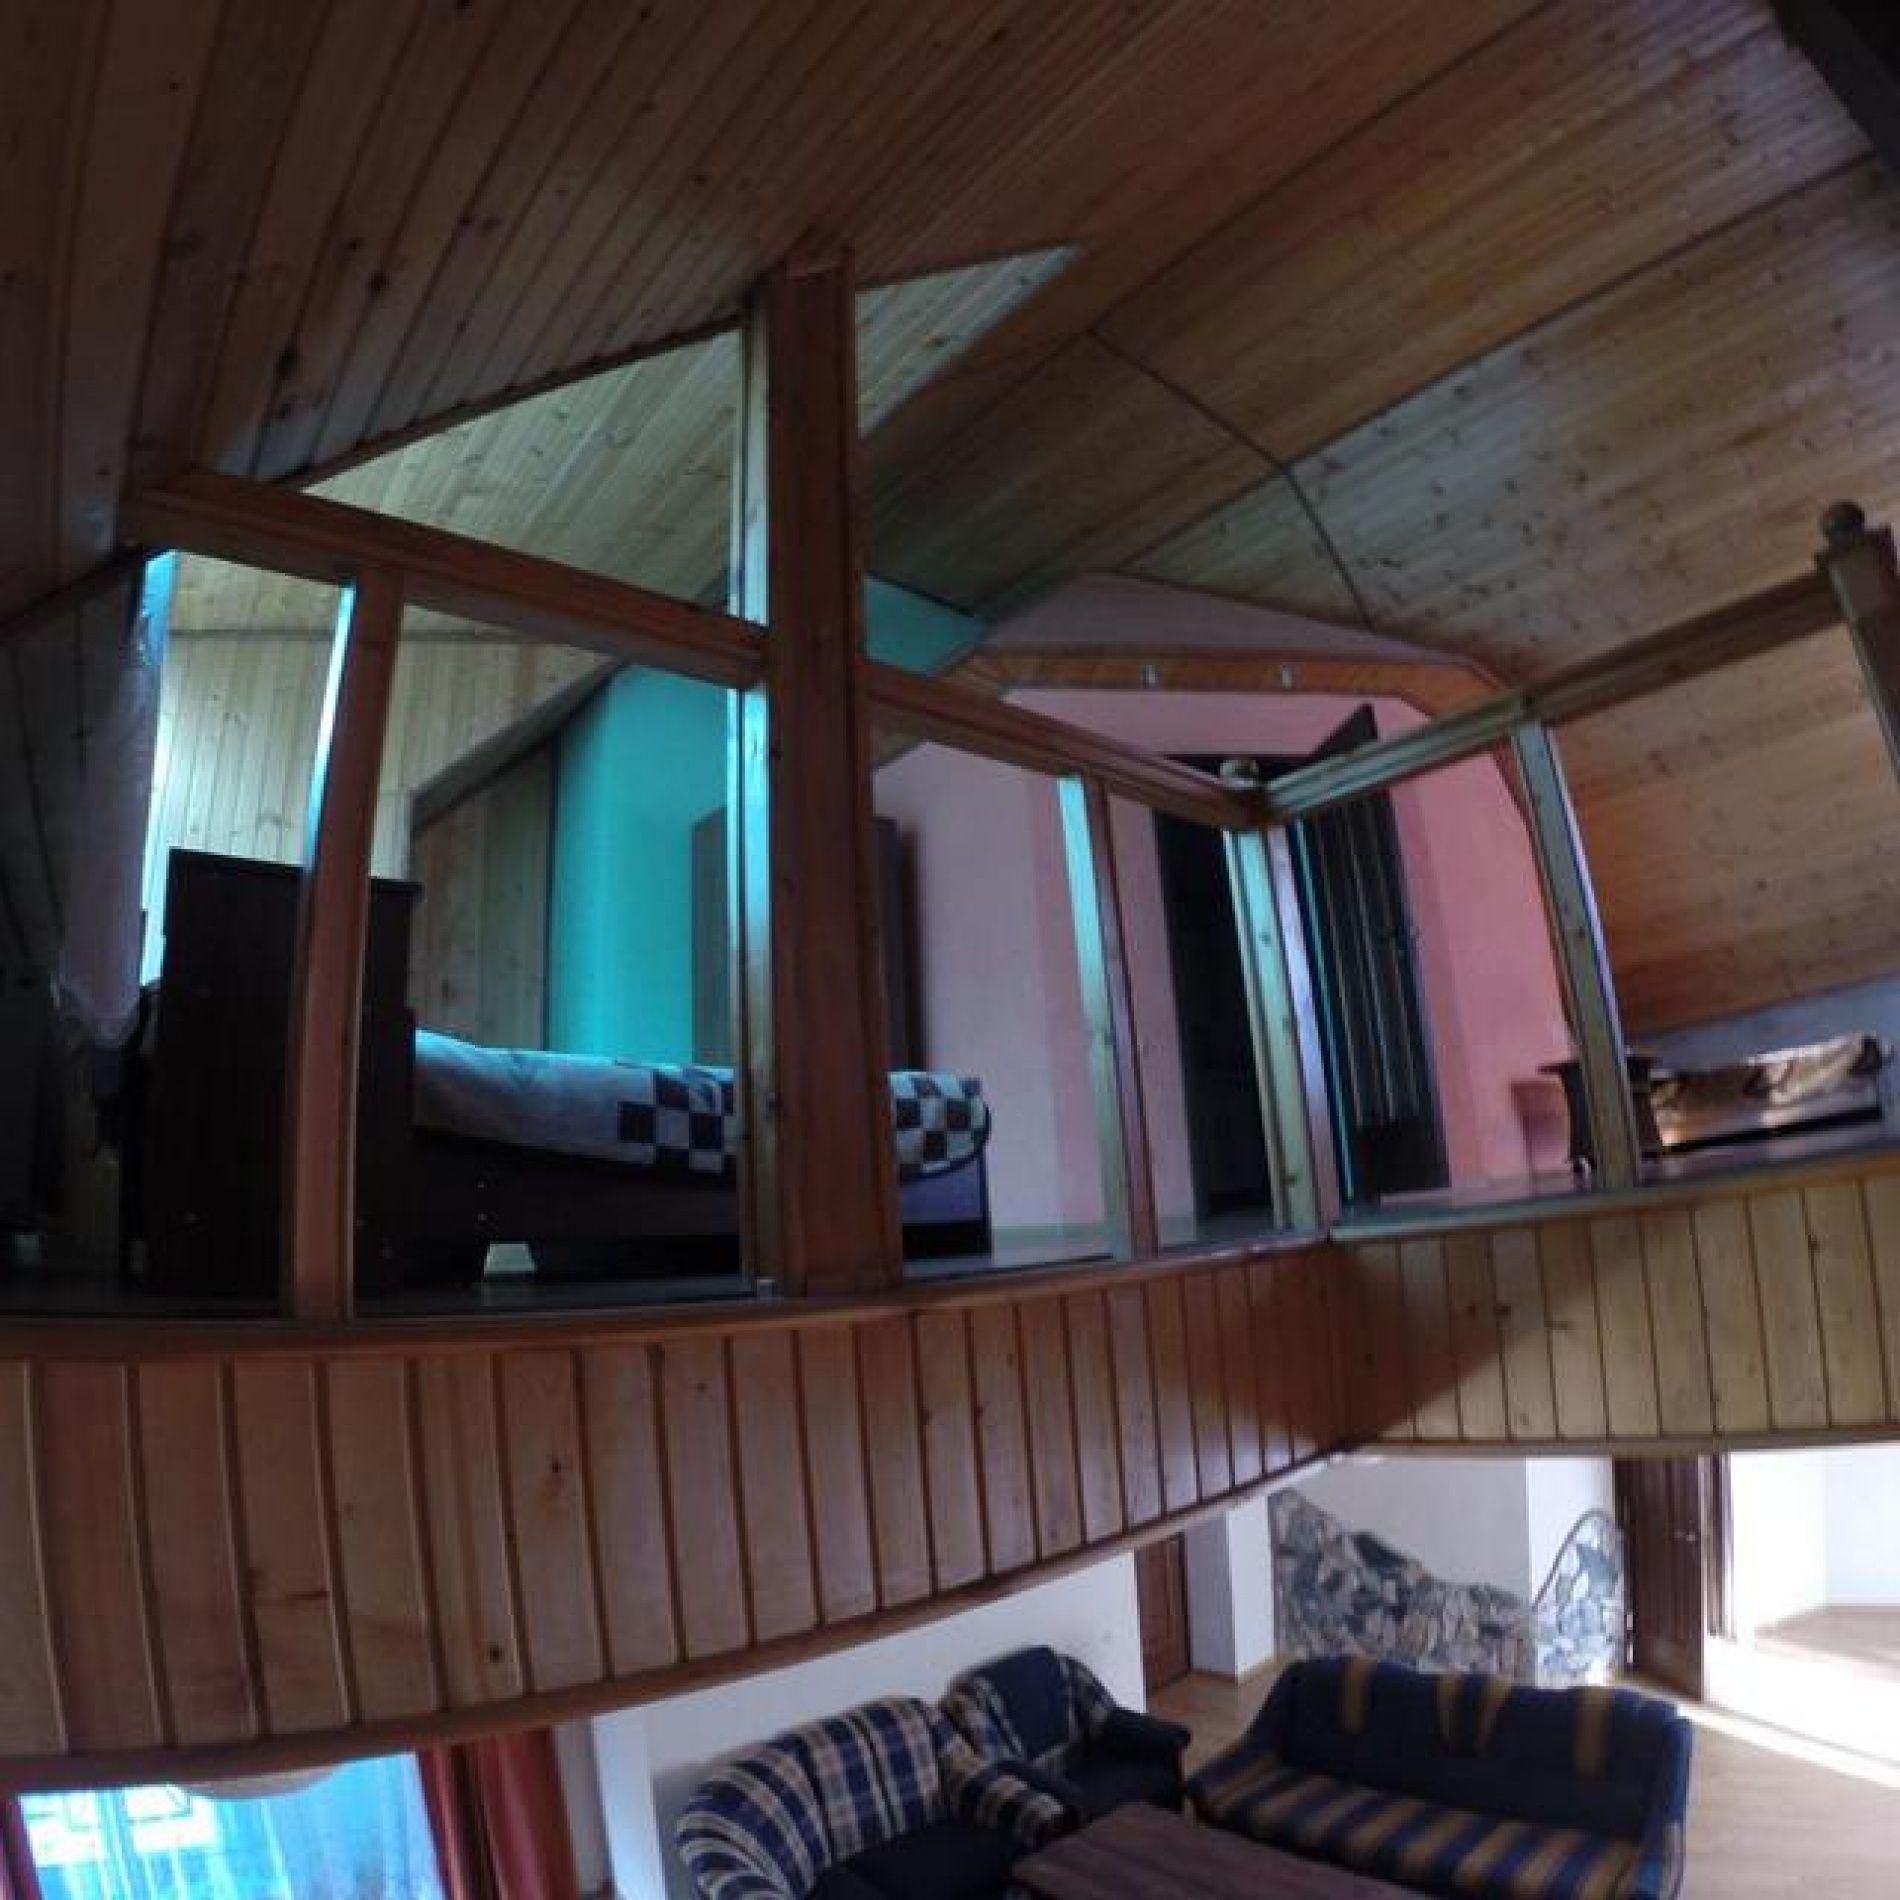 """Гостиница """"Гоначхир"""" Карачаево-Черкесская Республика Молодежный номер 2-х этажный, 2-х комнатный с камином, фото 1"""